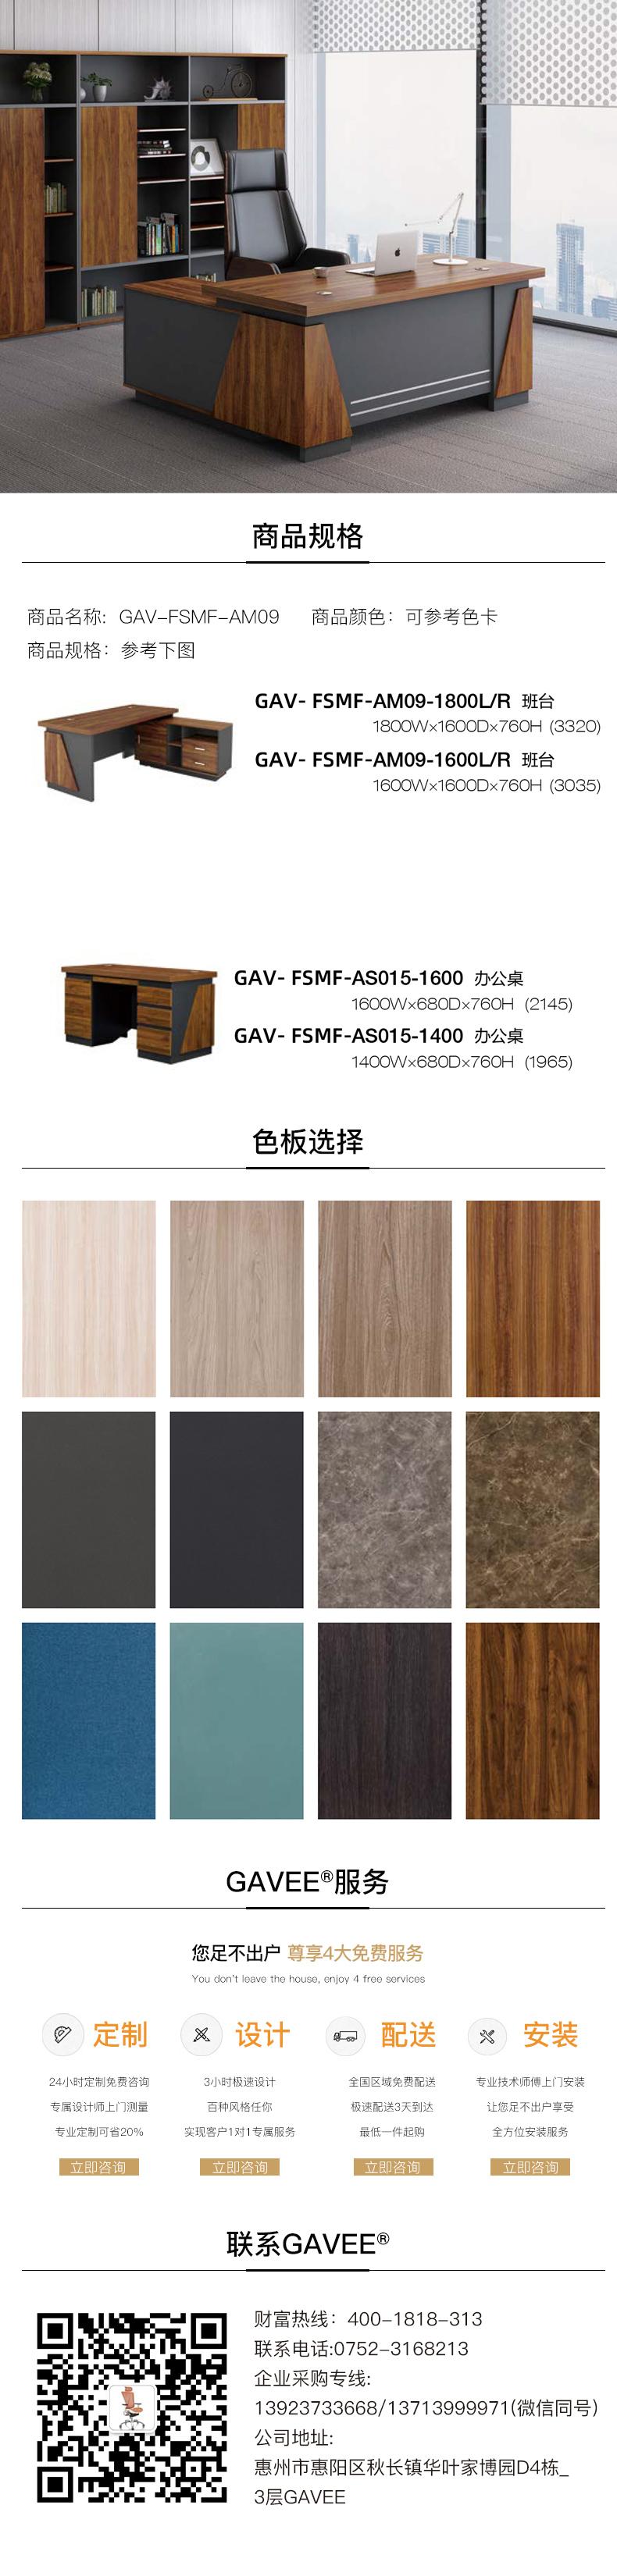 高層決策系統GAV-FSMF-AM09.jpg